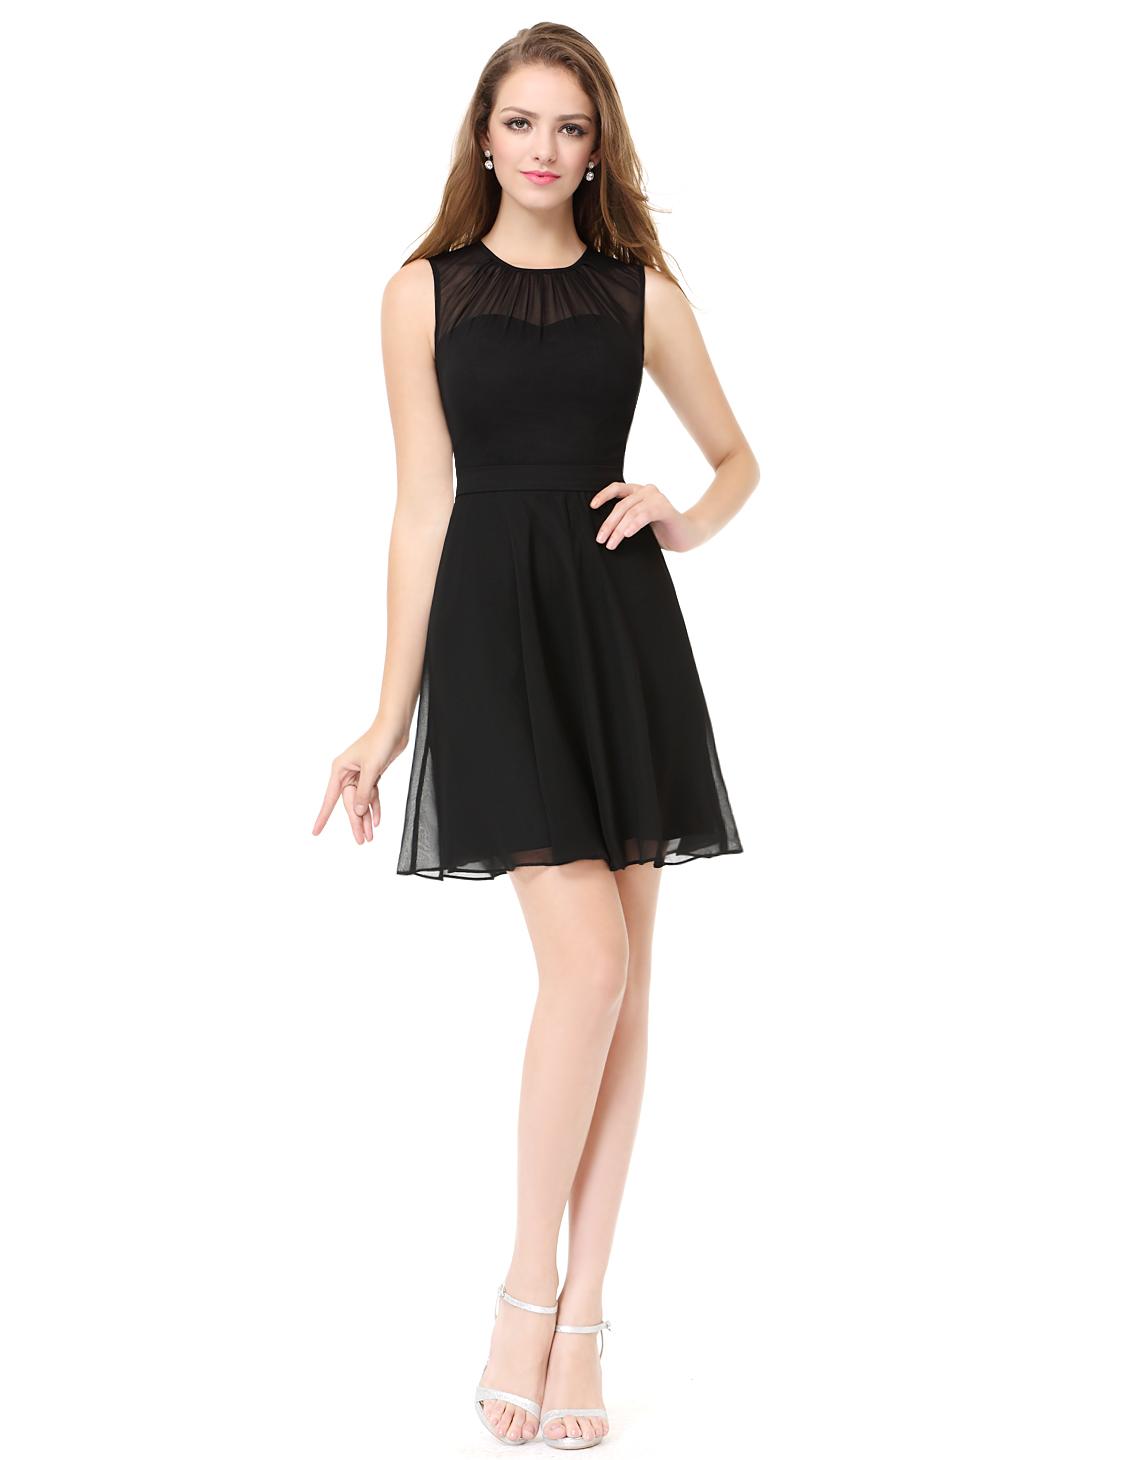 0a65b5e7dce8 Společenské šaty výprodej